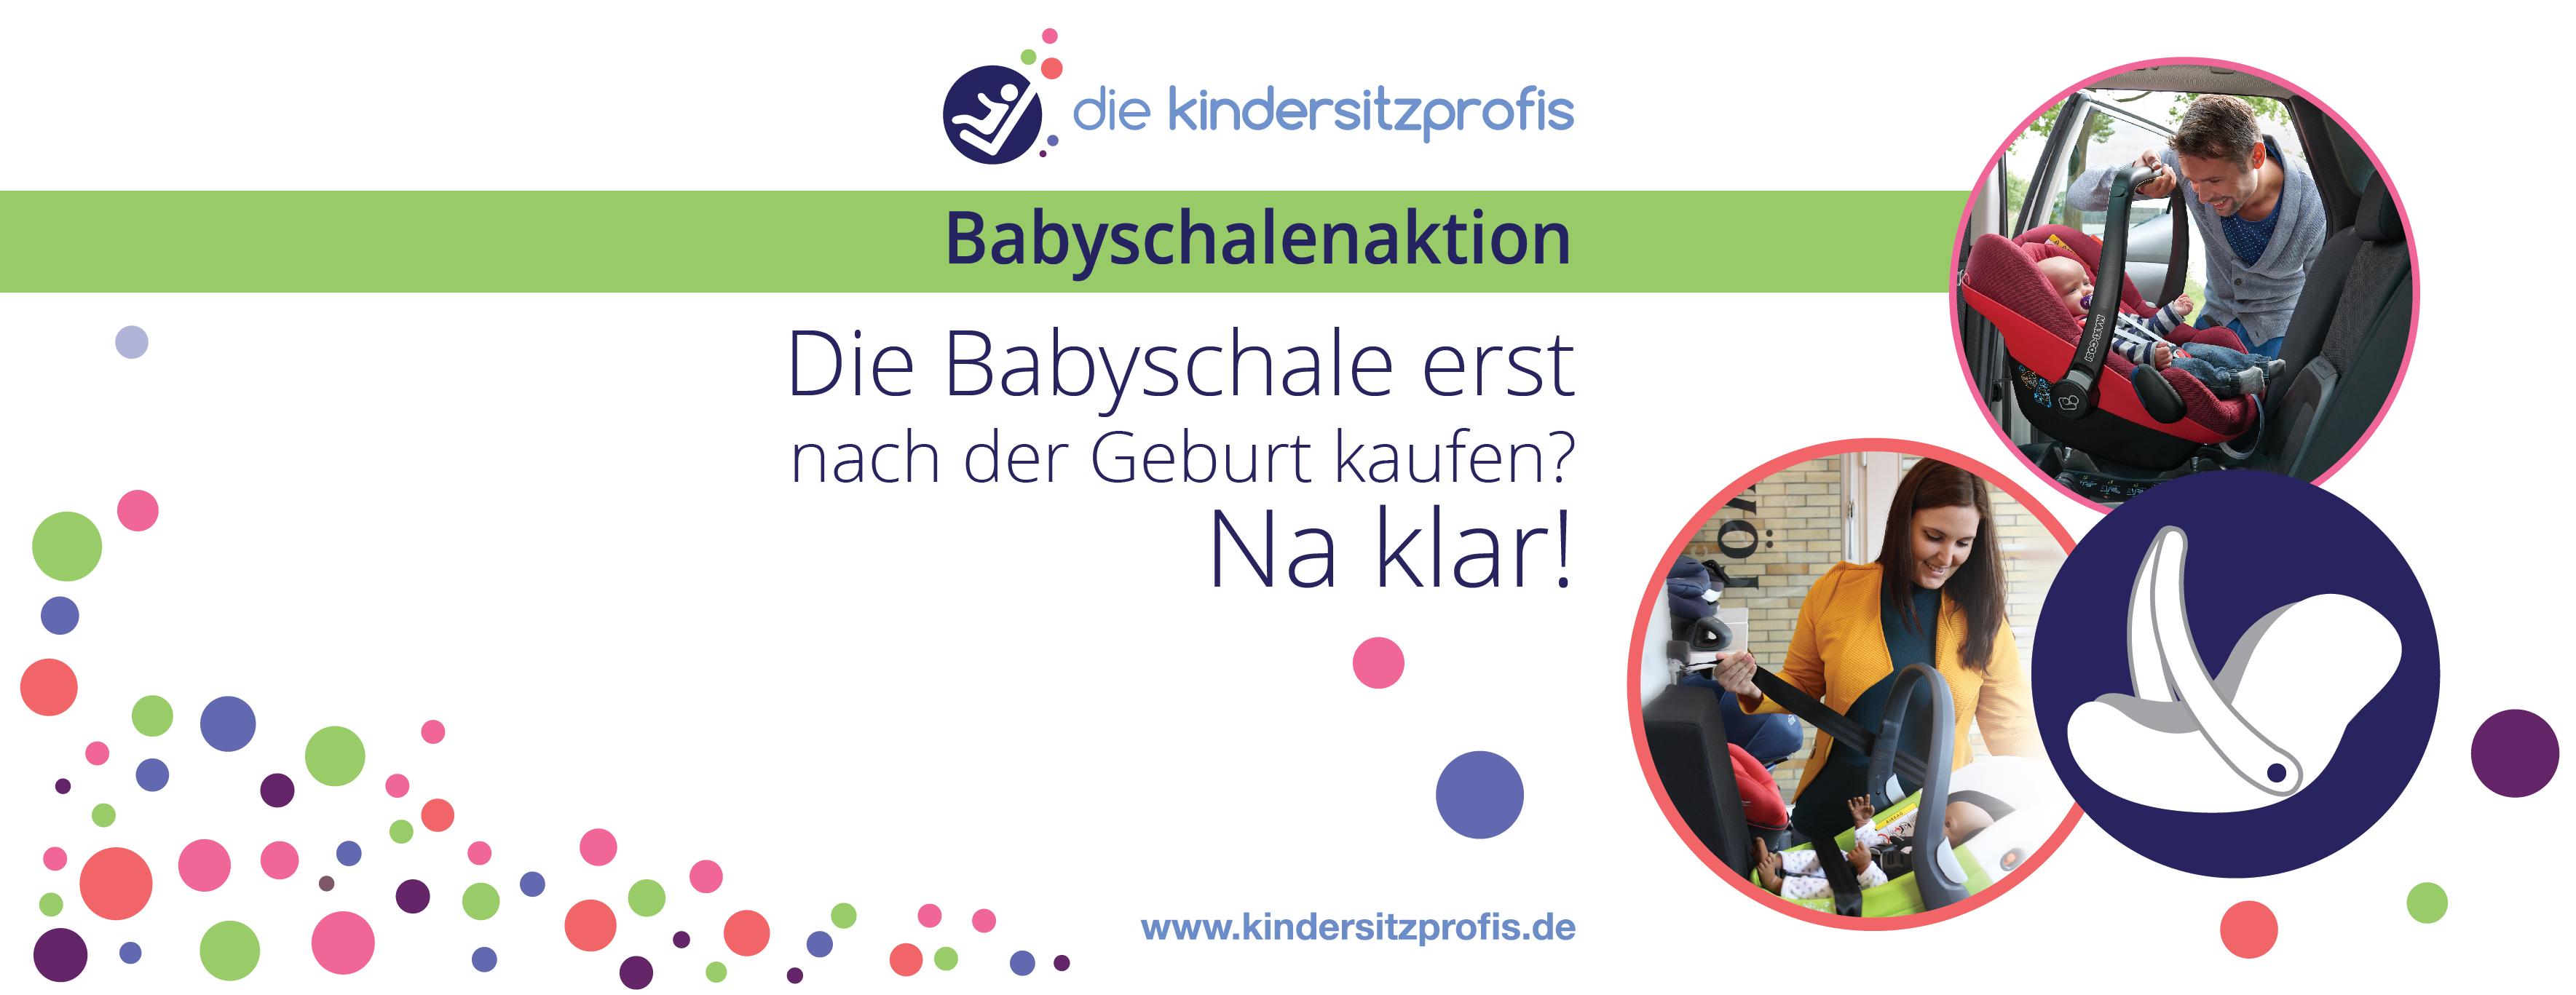 Aktion: Kaufen Sie die perfekte Babyschale erst nach der Geburt!